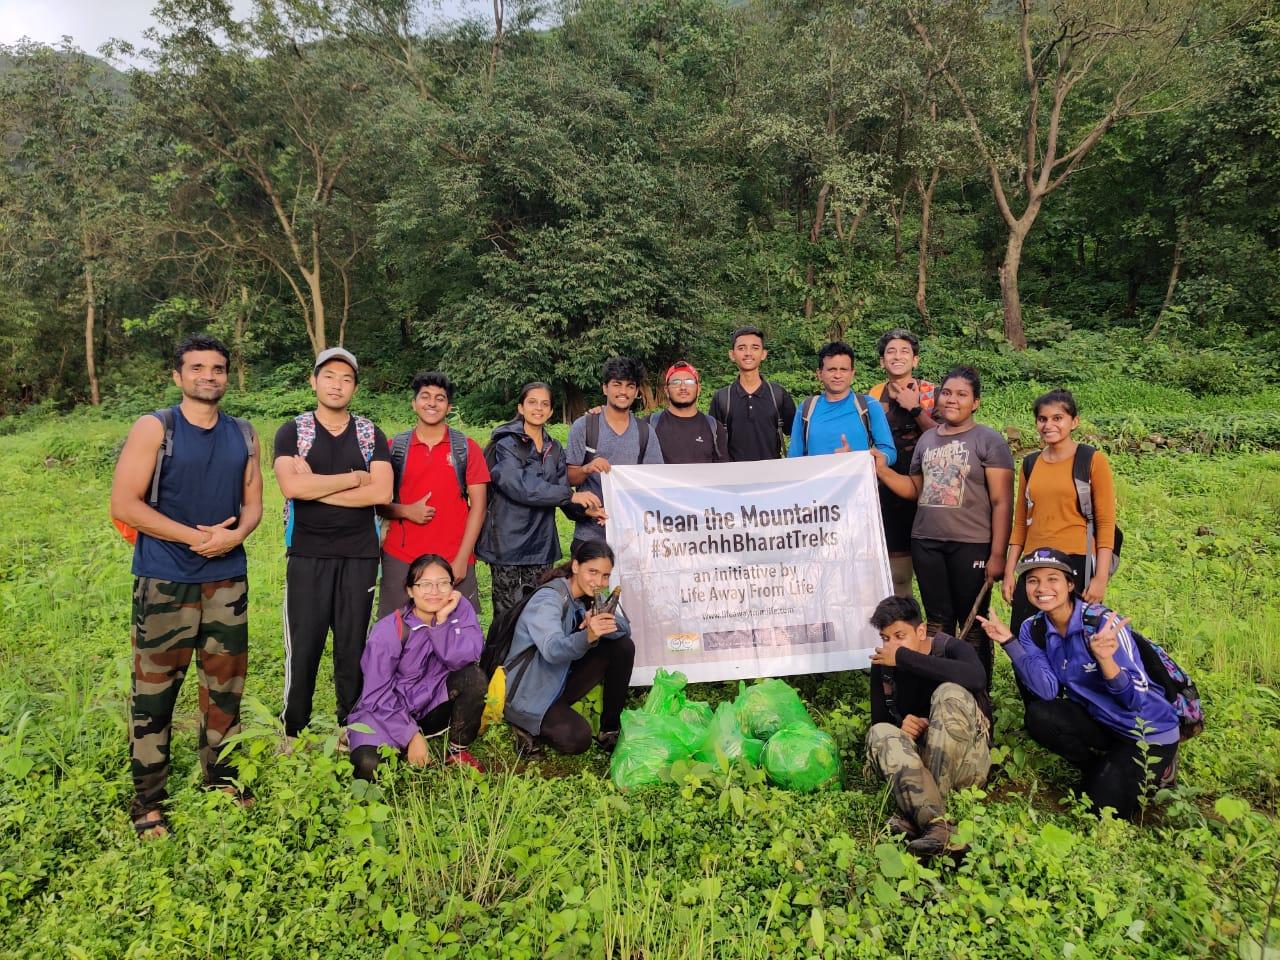 Swachh Bharat Trek – Nakhind ridge near Mumbai